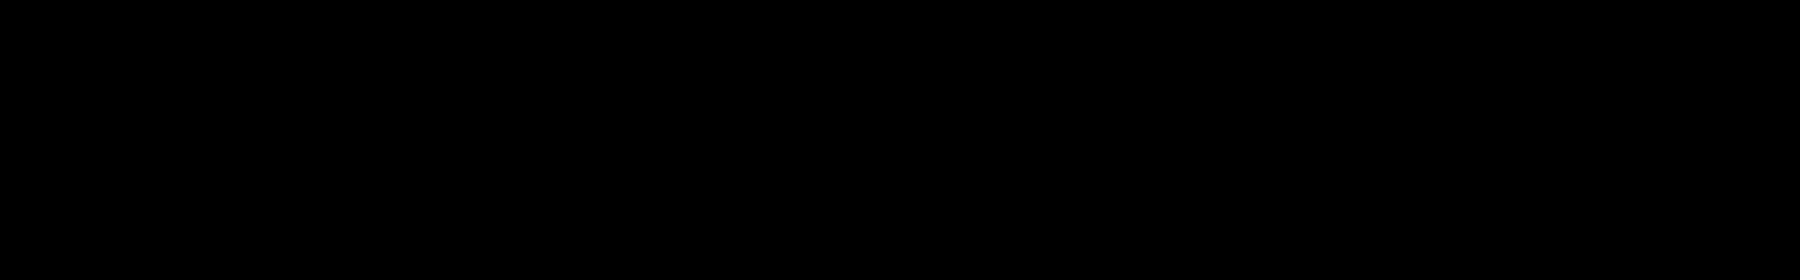 Sylenth1 - Commercial Electro audio waveform